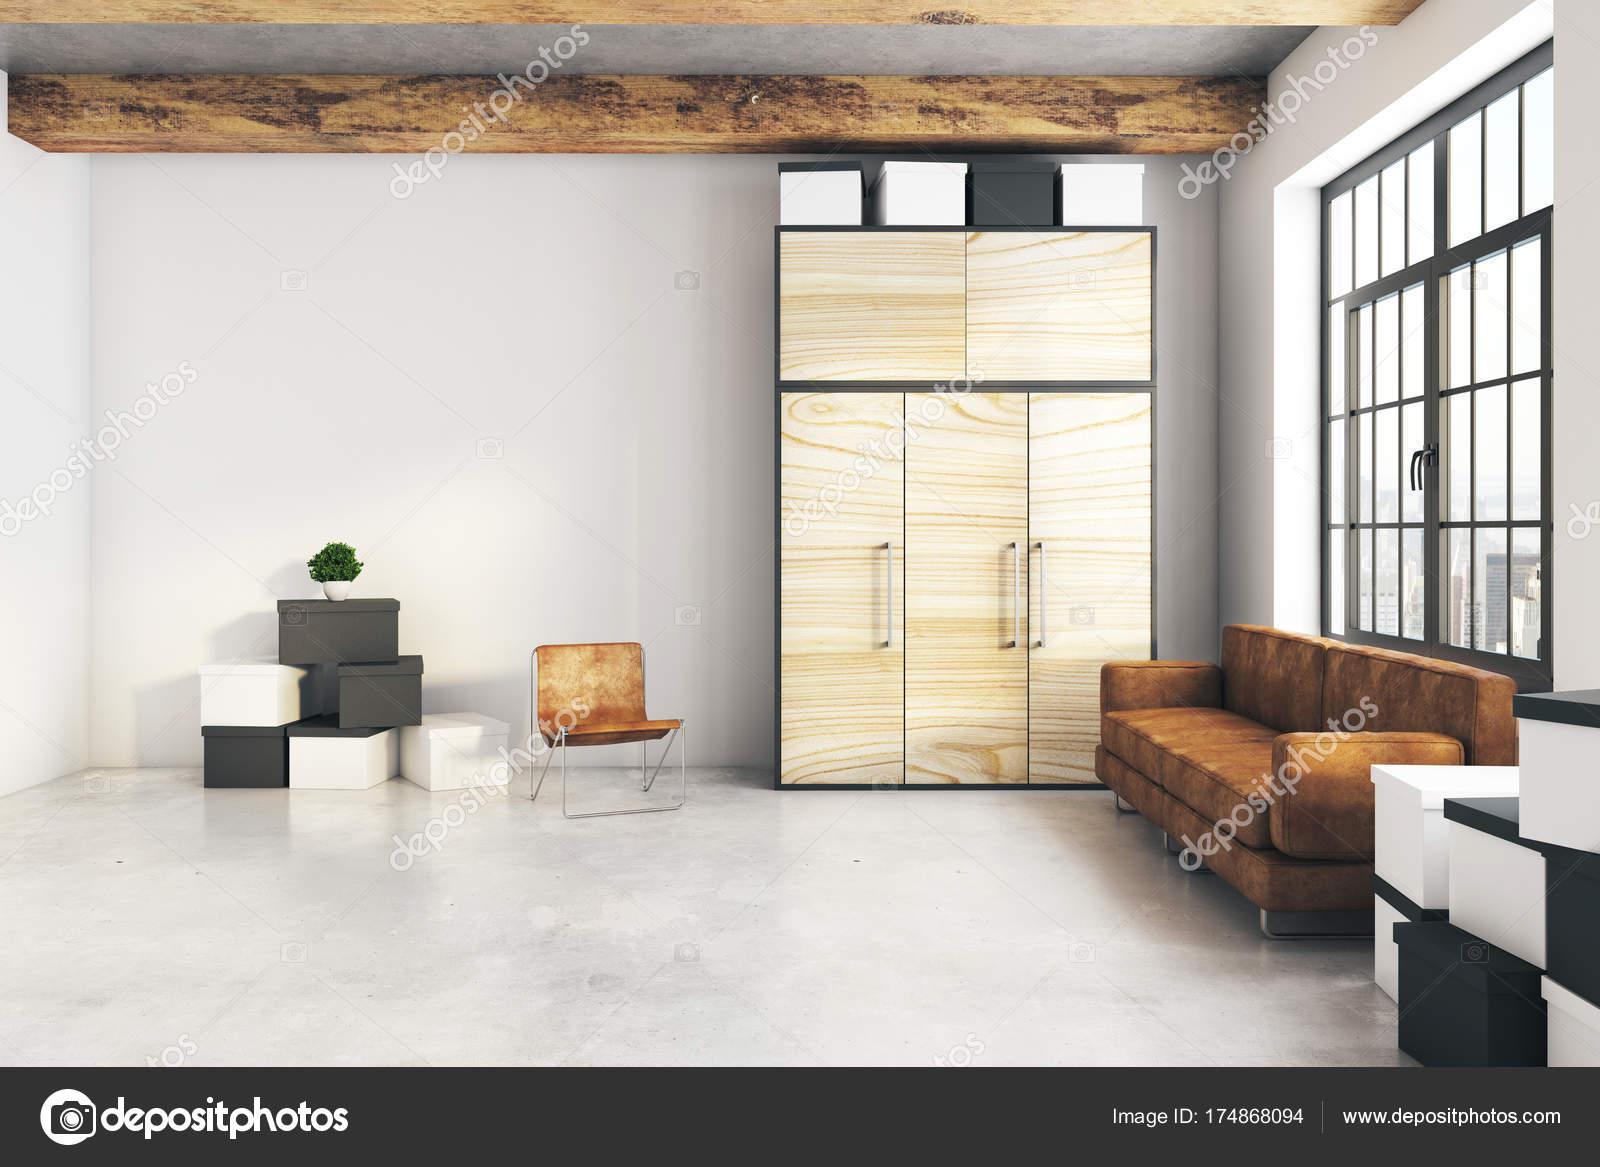 Salone moderno con parete vuota — Foto Stock © peshkova #174868094